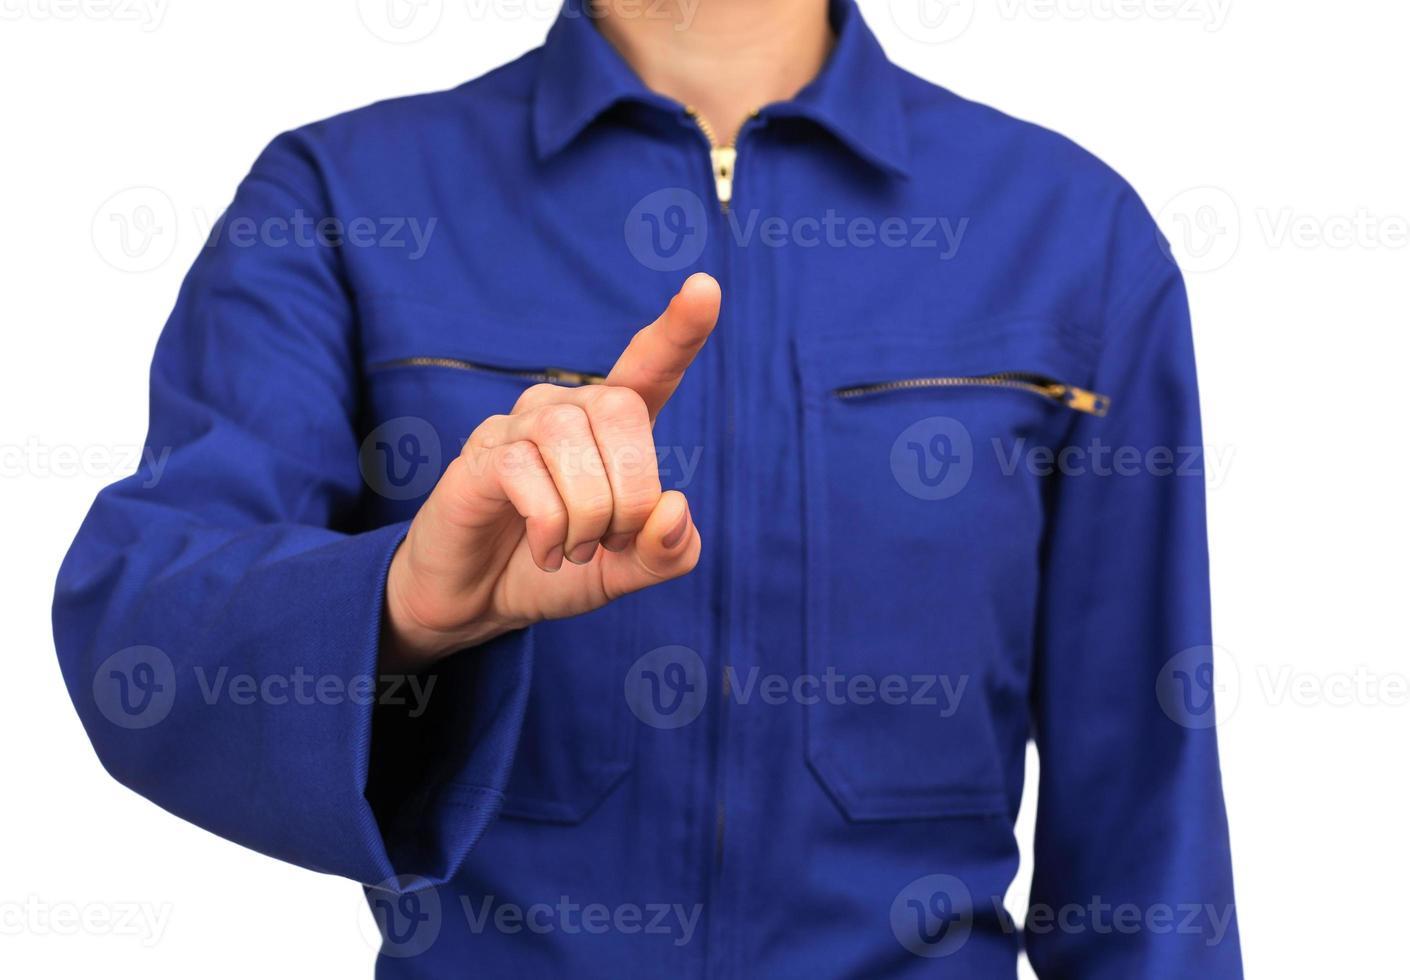 Frau in Uniform zeigt mit dem Finger auf etwas foto